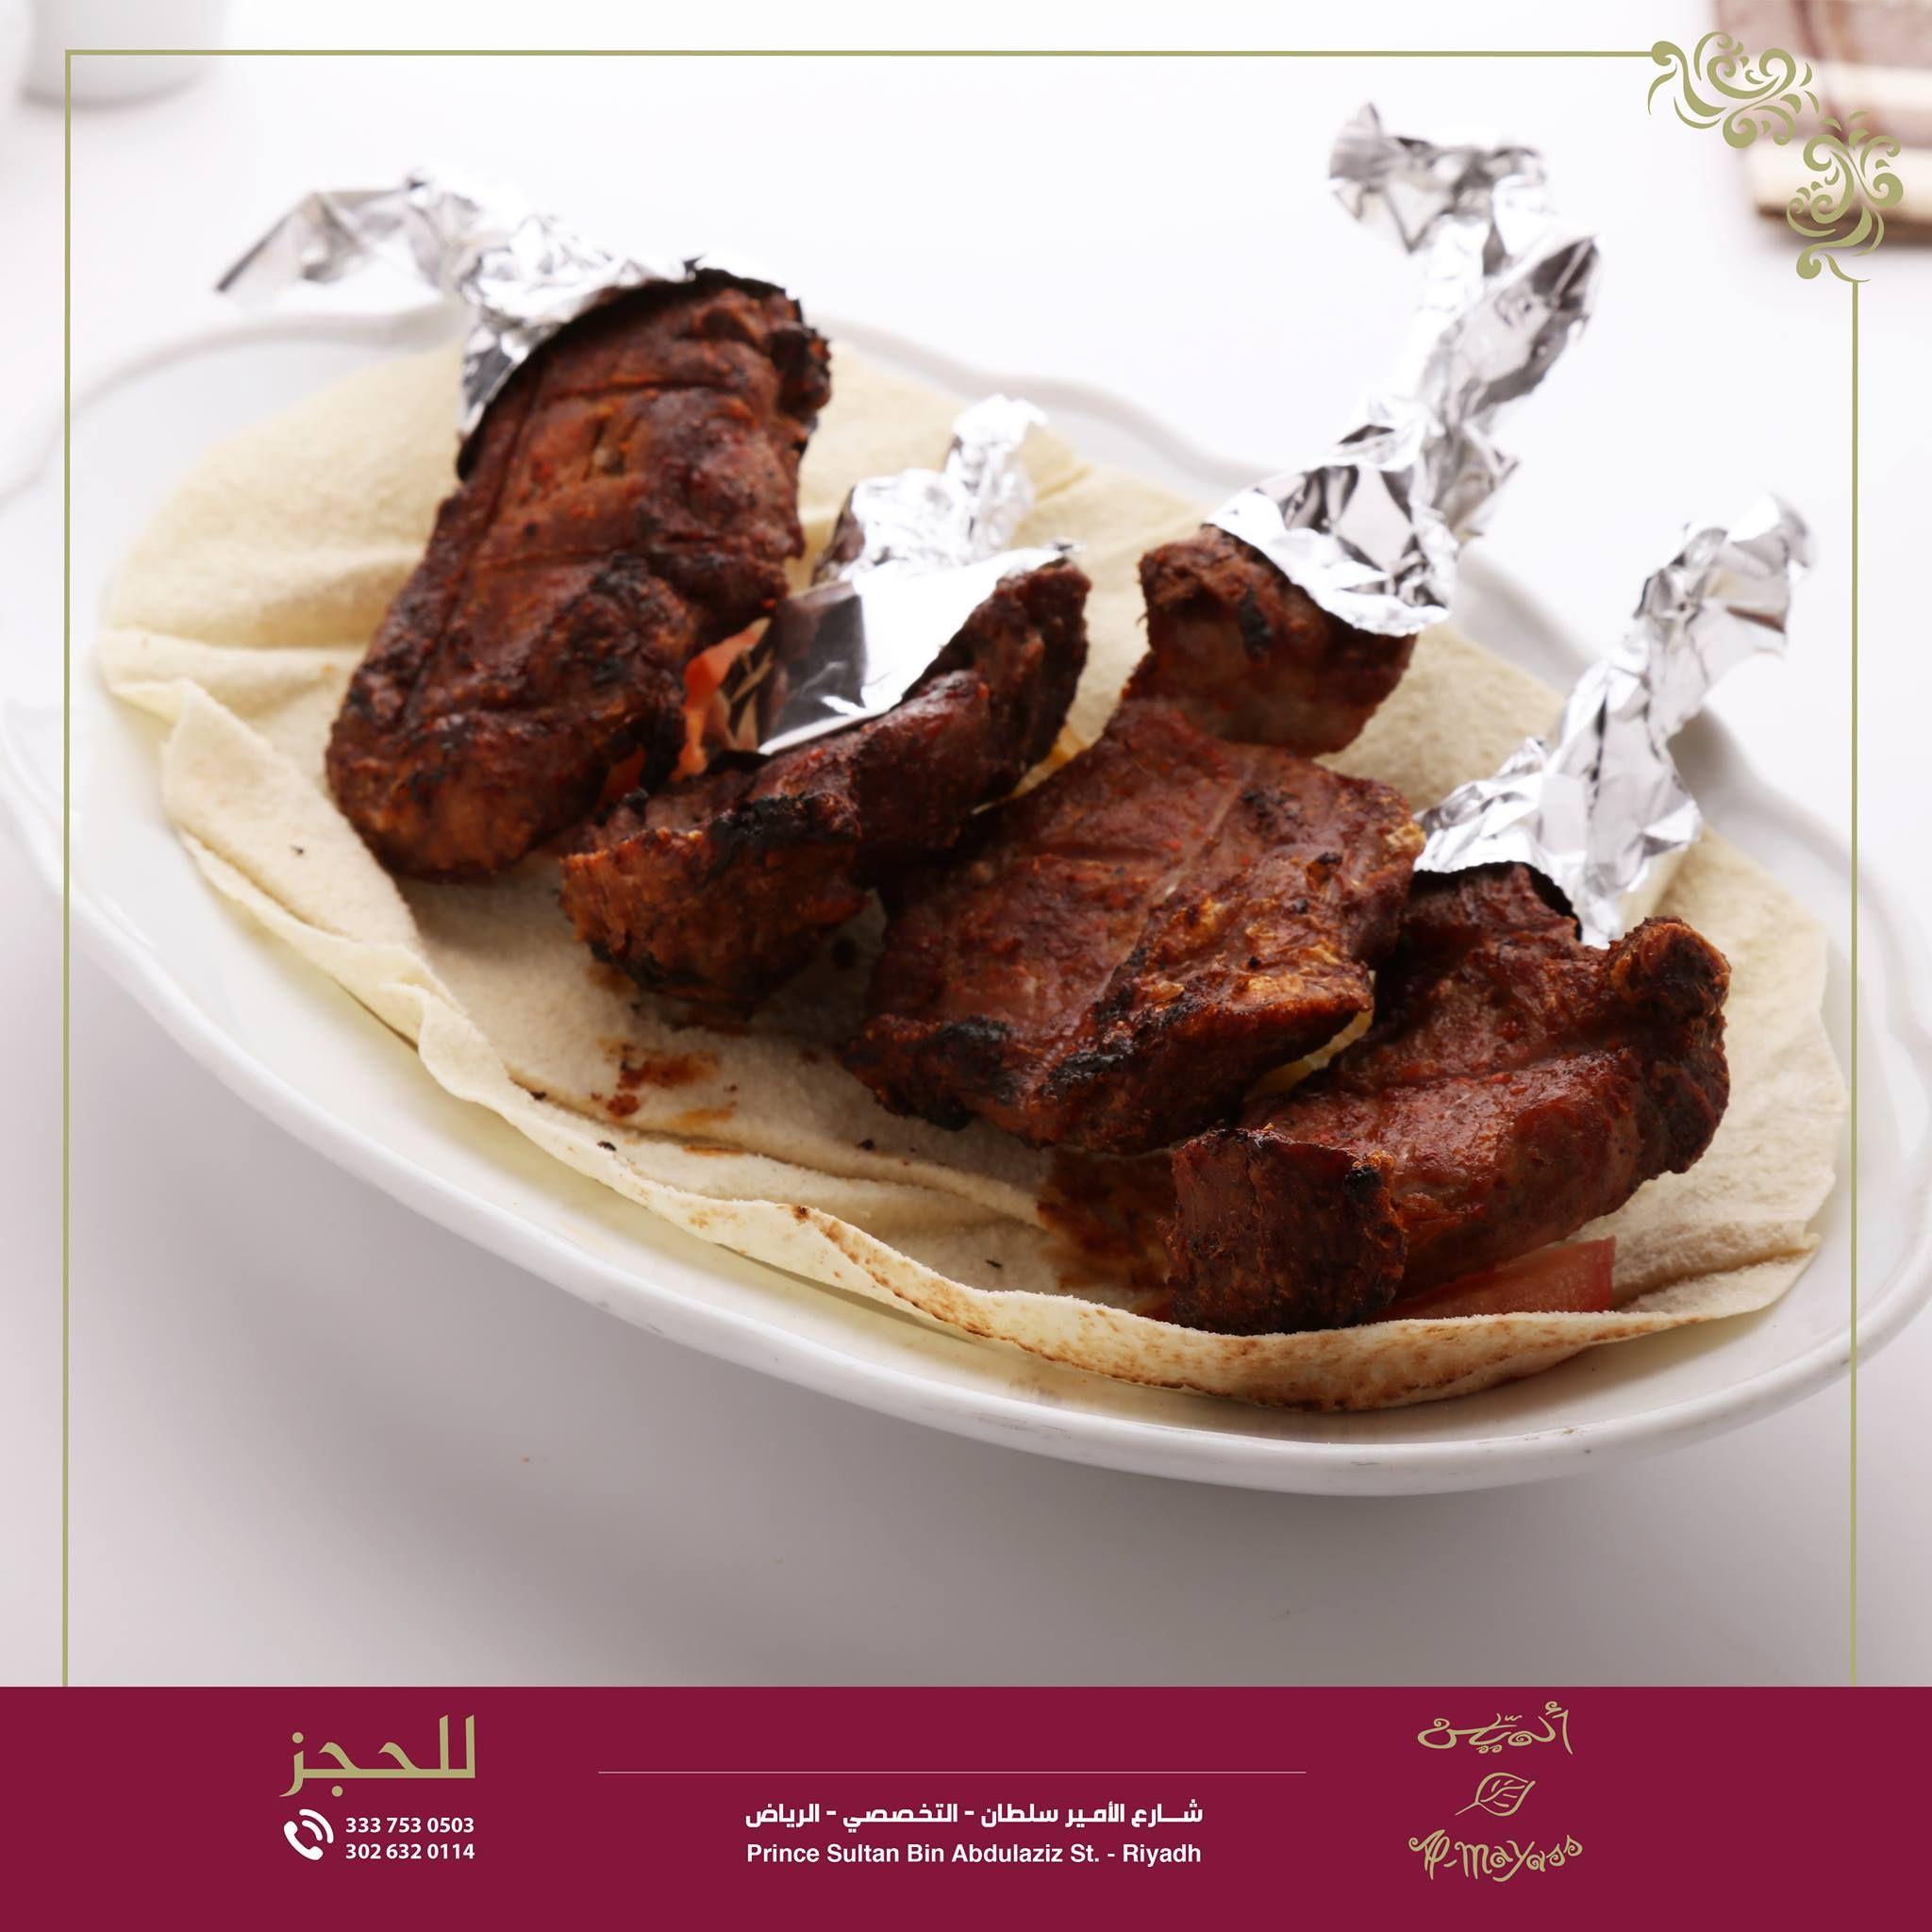 ريش غنم ألمياس استشعر المذاق الطازج Cuisine Food Old Recipes